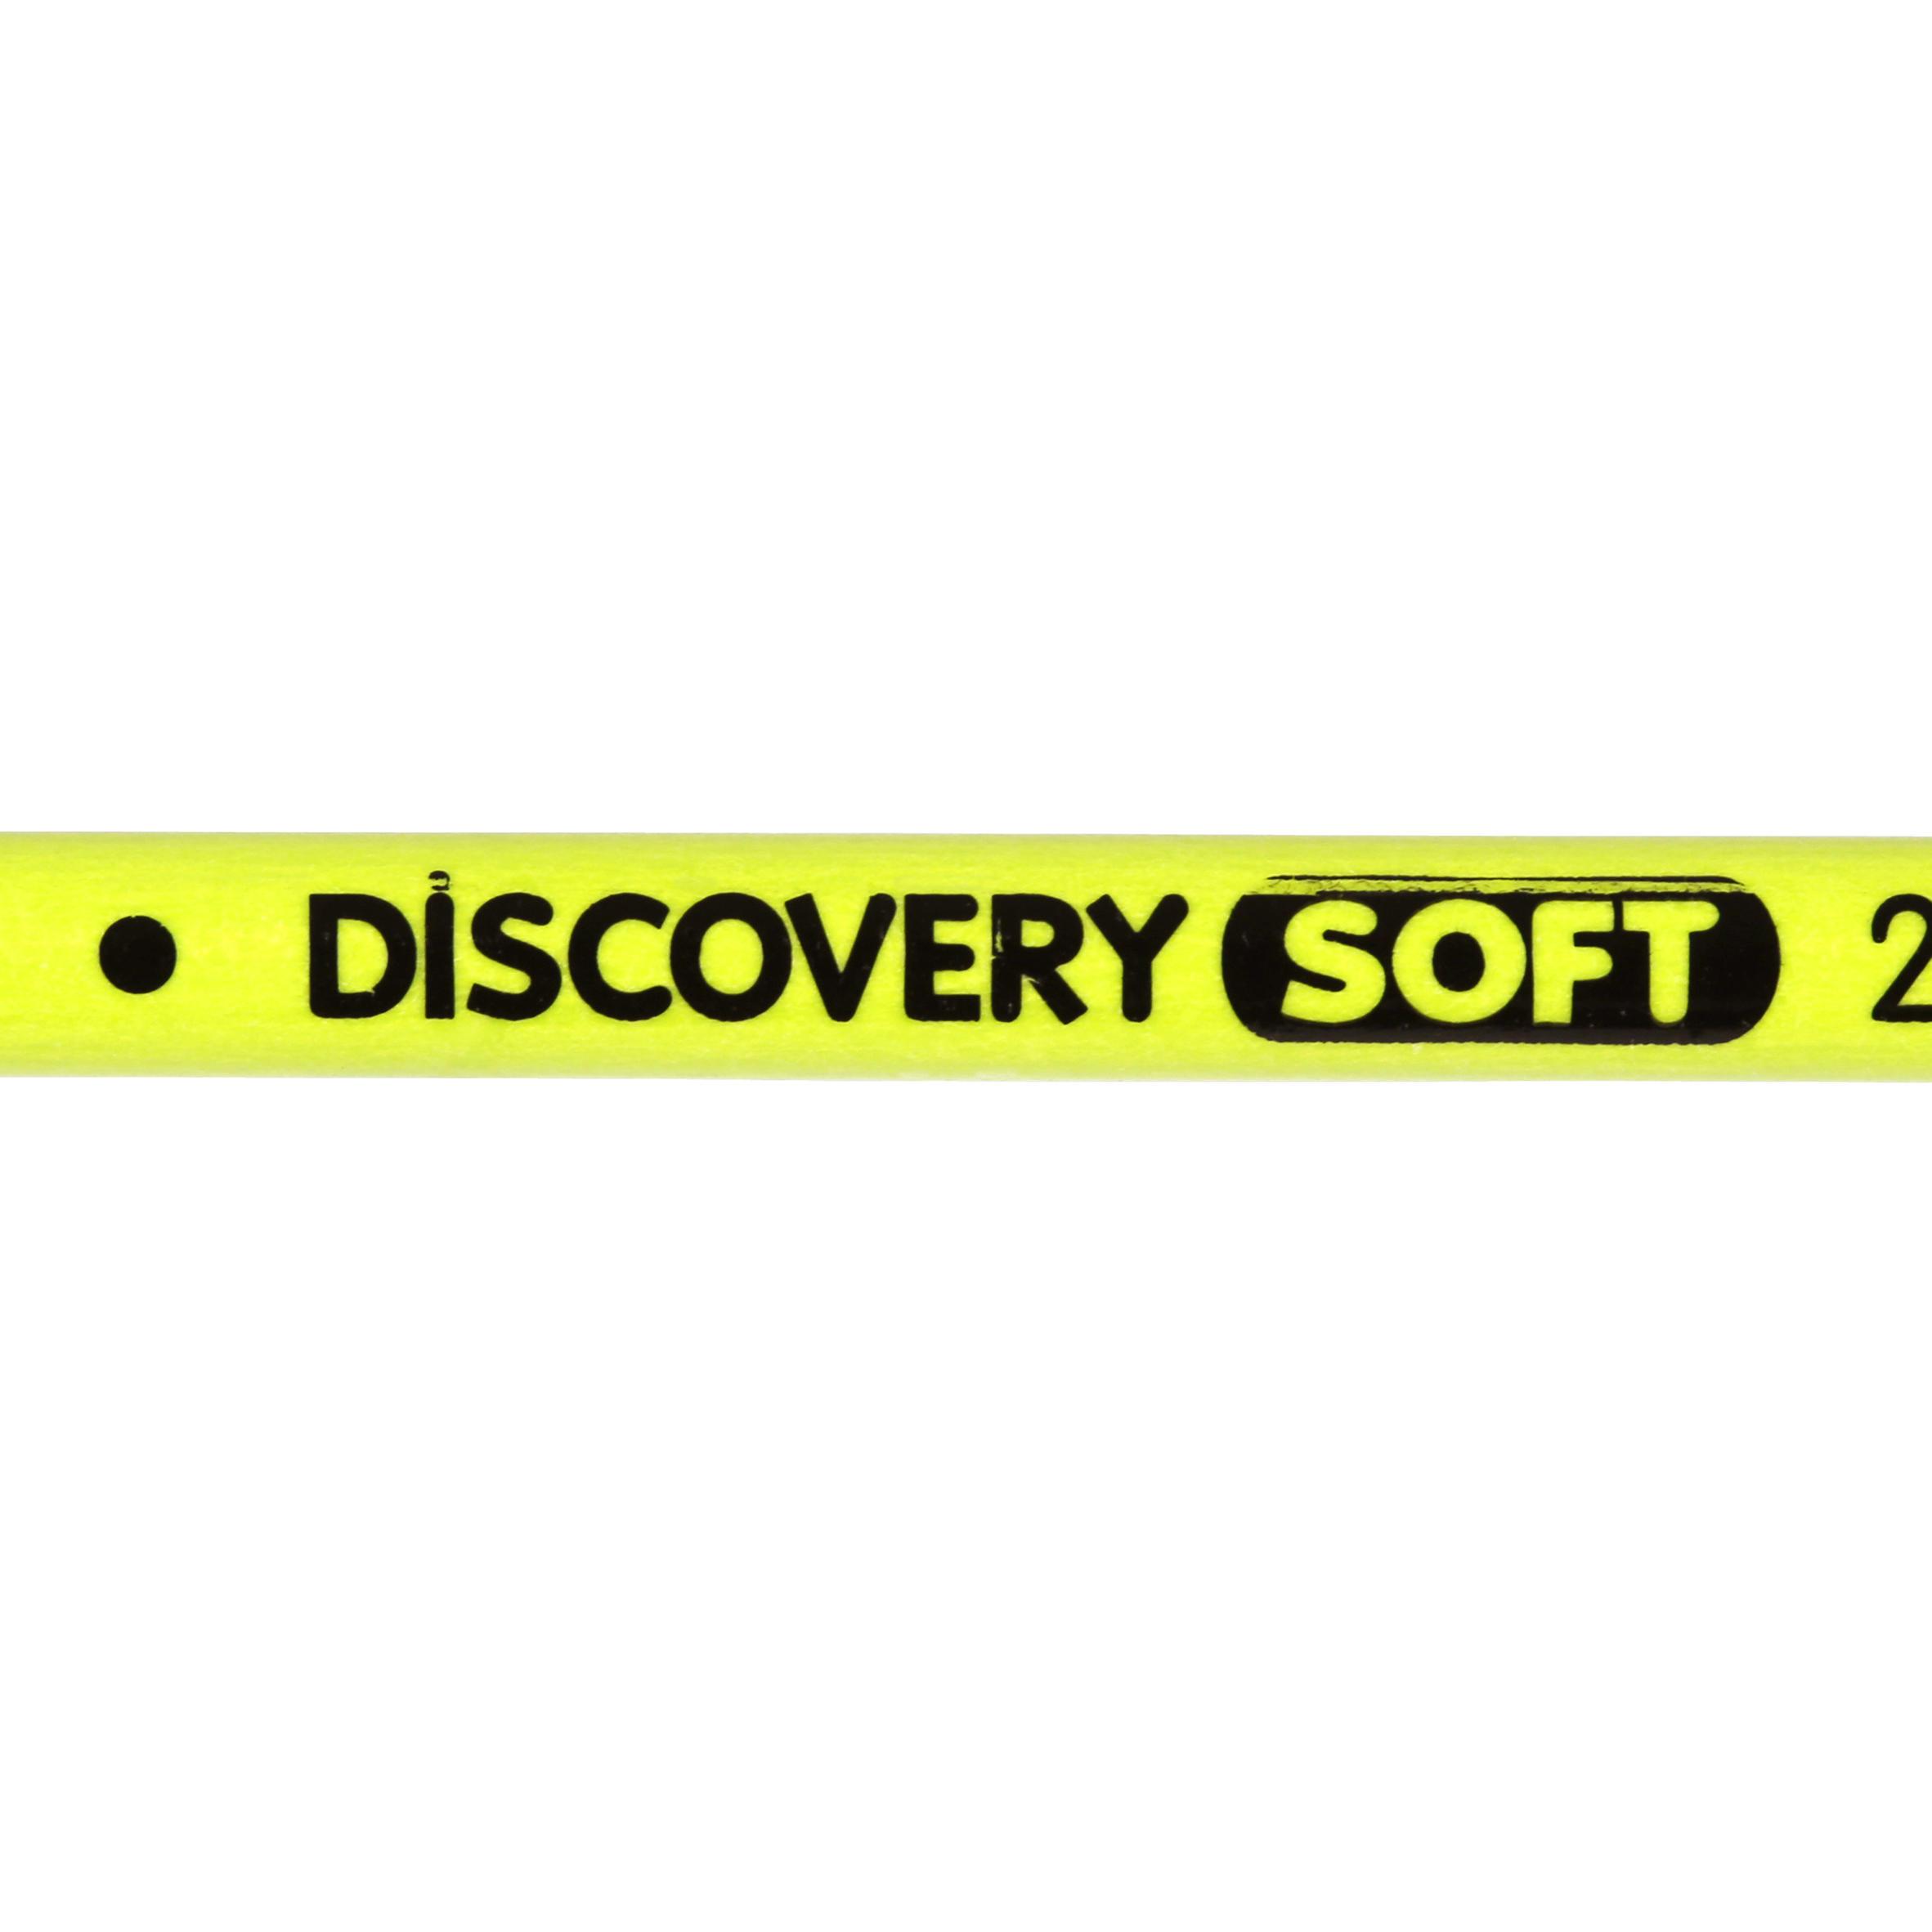 DISCOVERY SOFT ARCHERY ARROW - GREEN